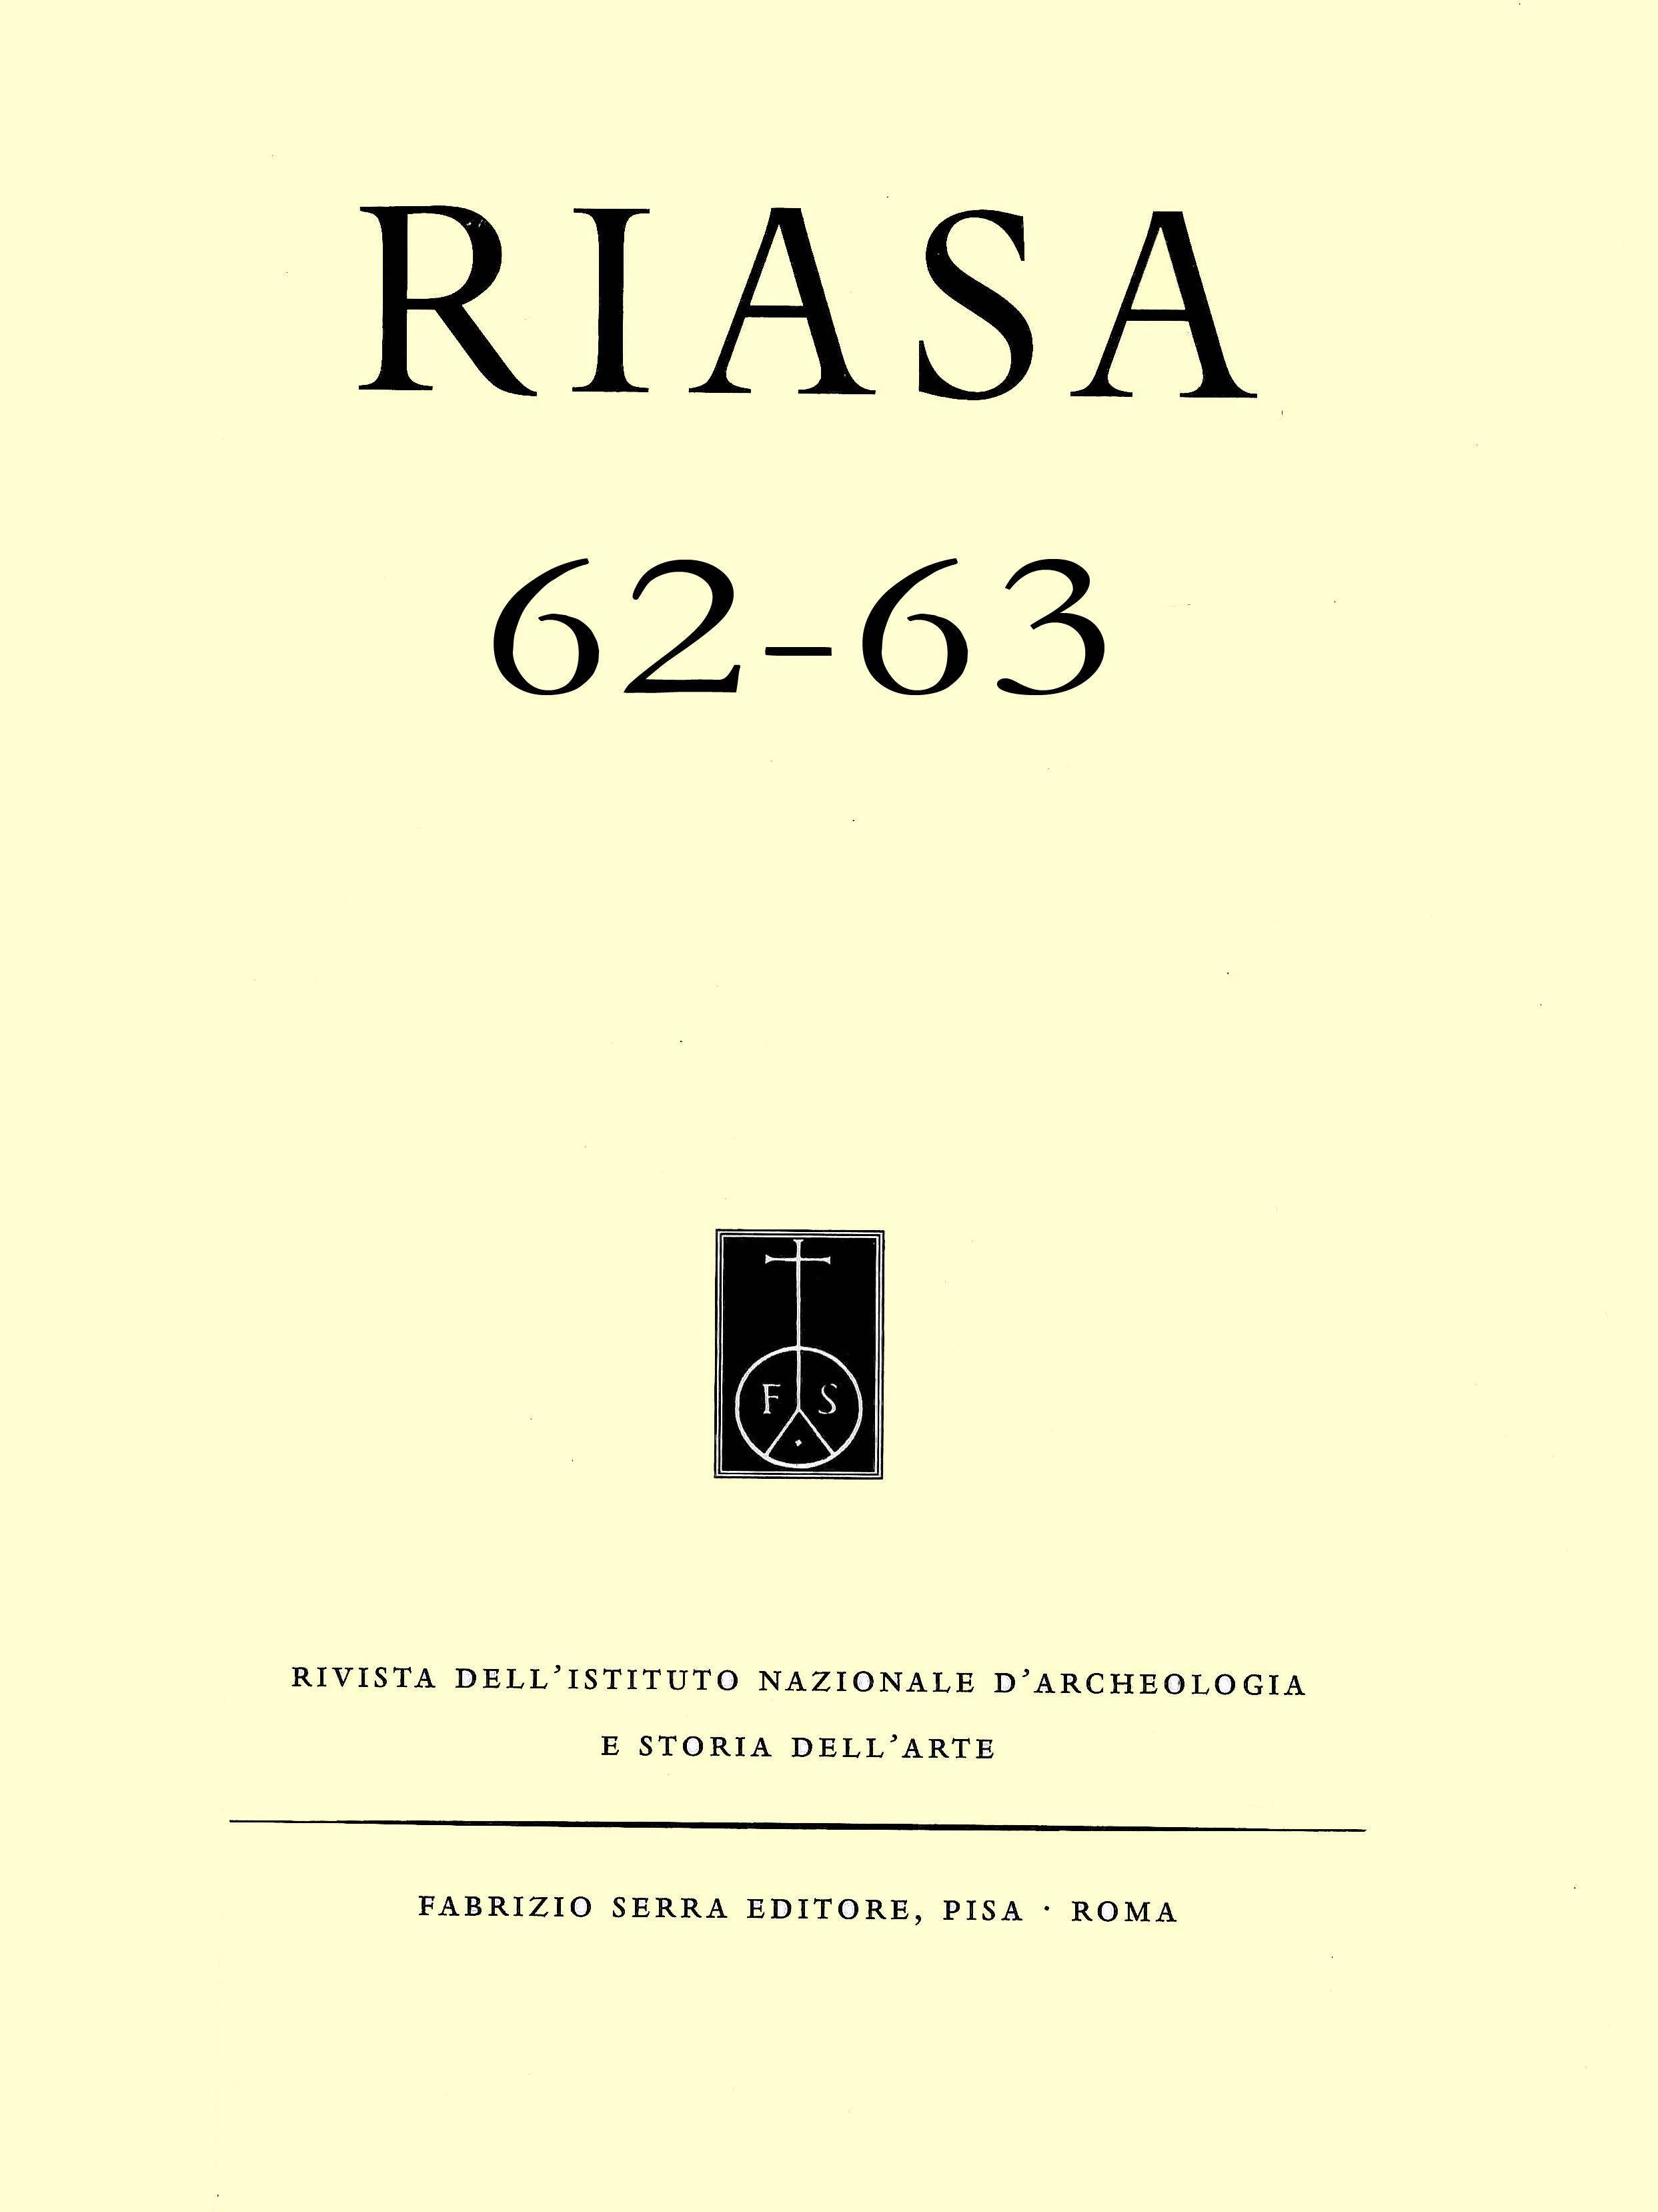 RIASA 62 63